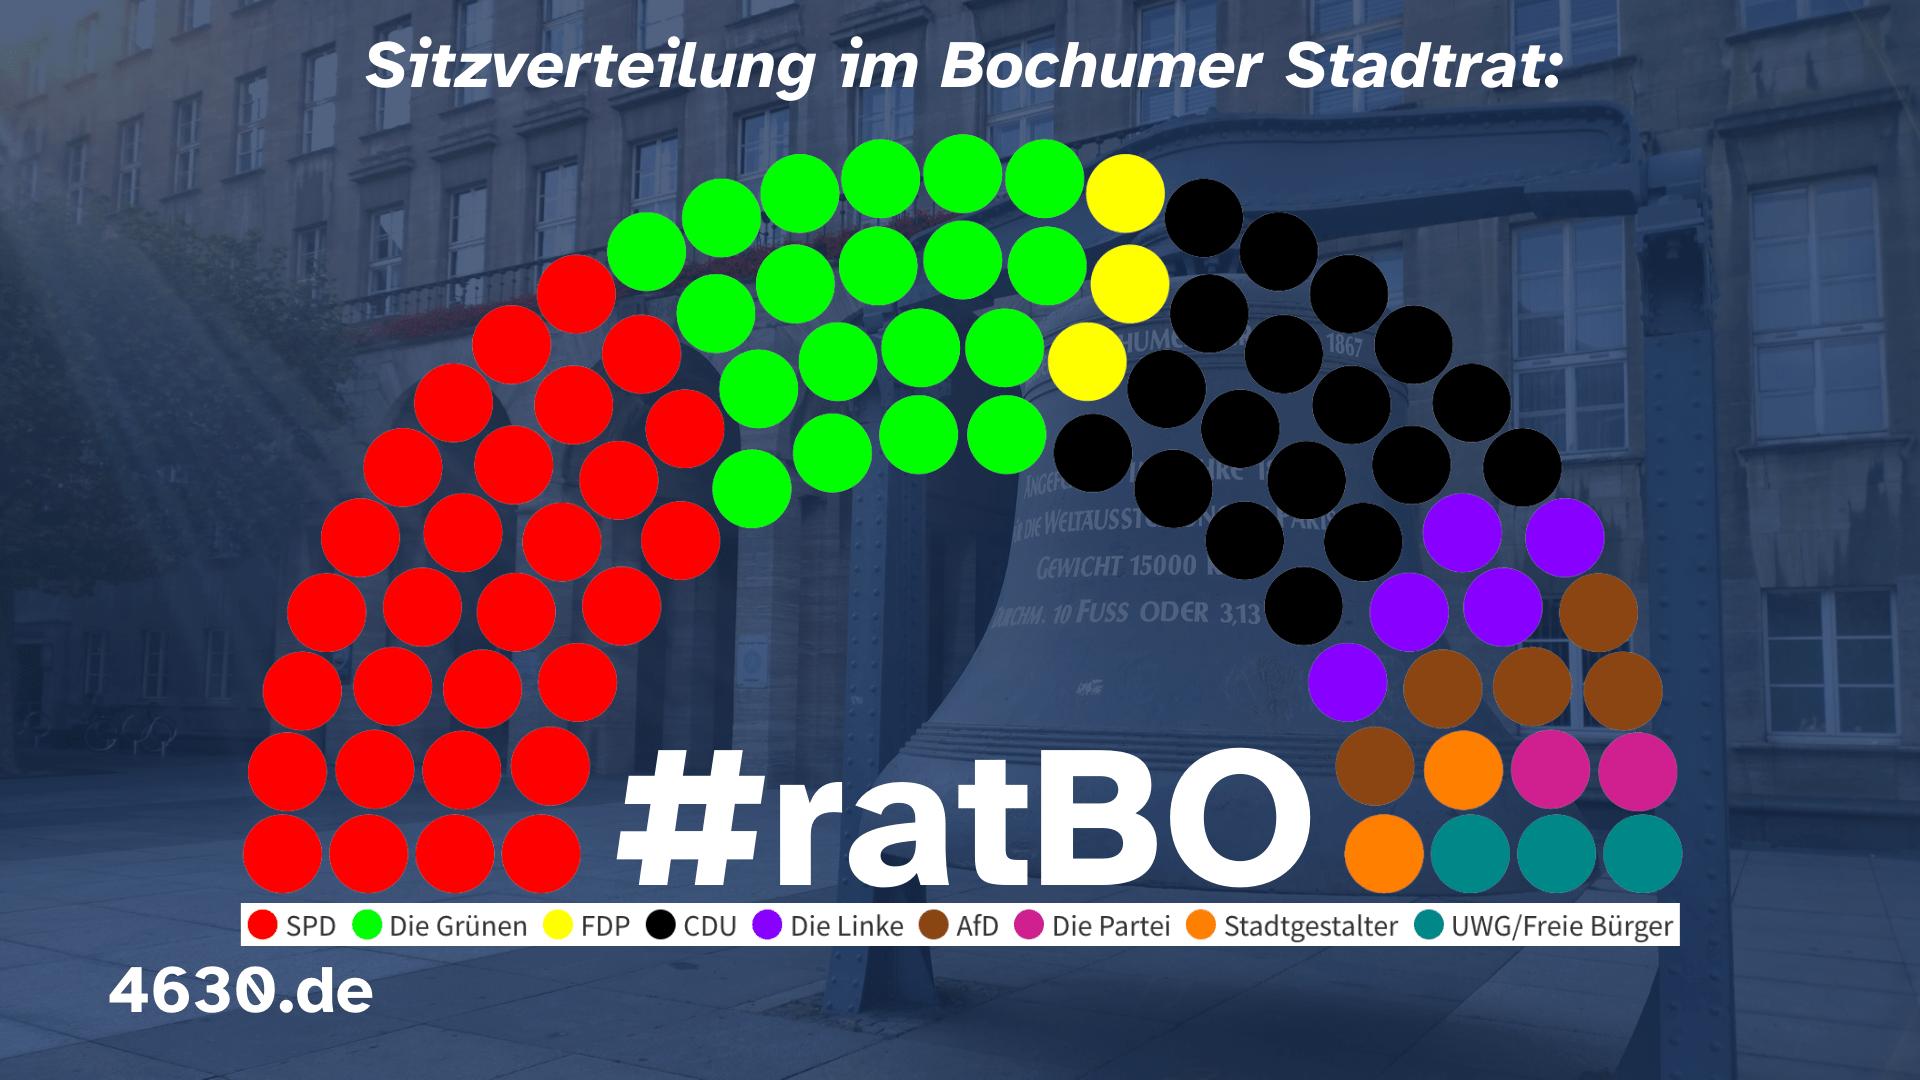 Sitzverteilung im Bochumer Stadtrat #ratBO - nach Fraktionen/Gruppen (Stand: November 2020)